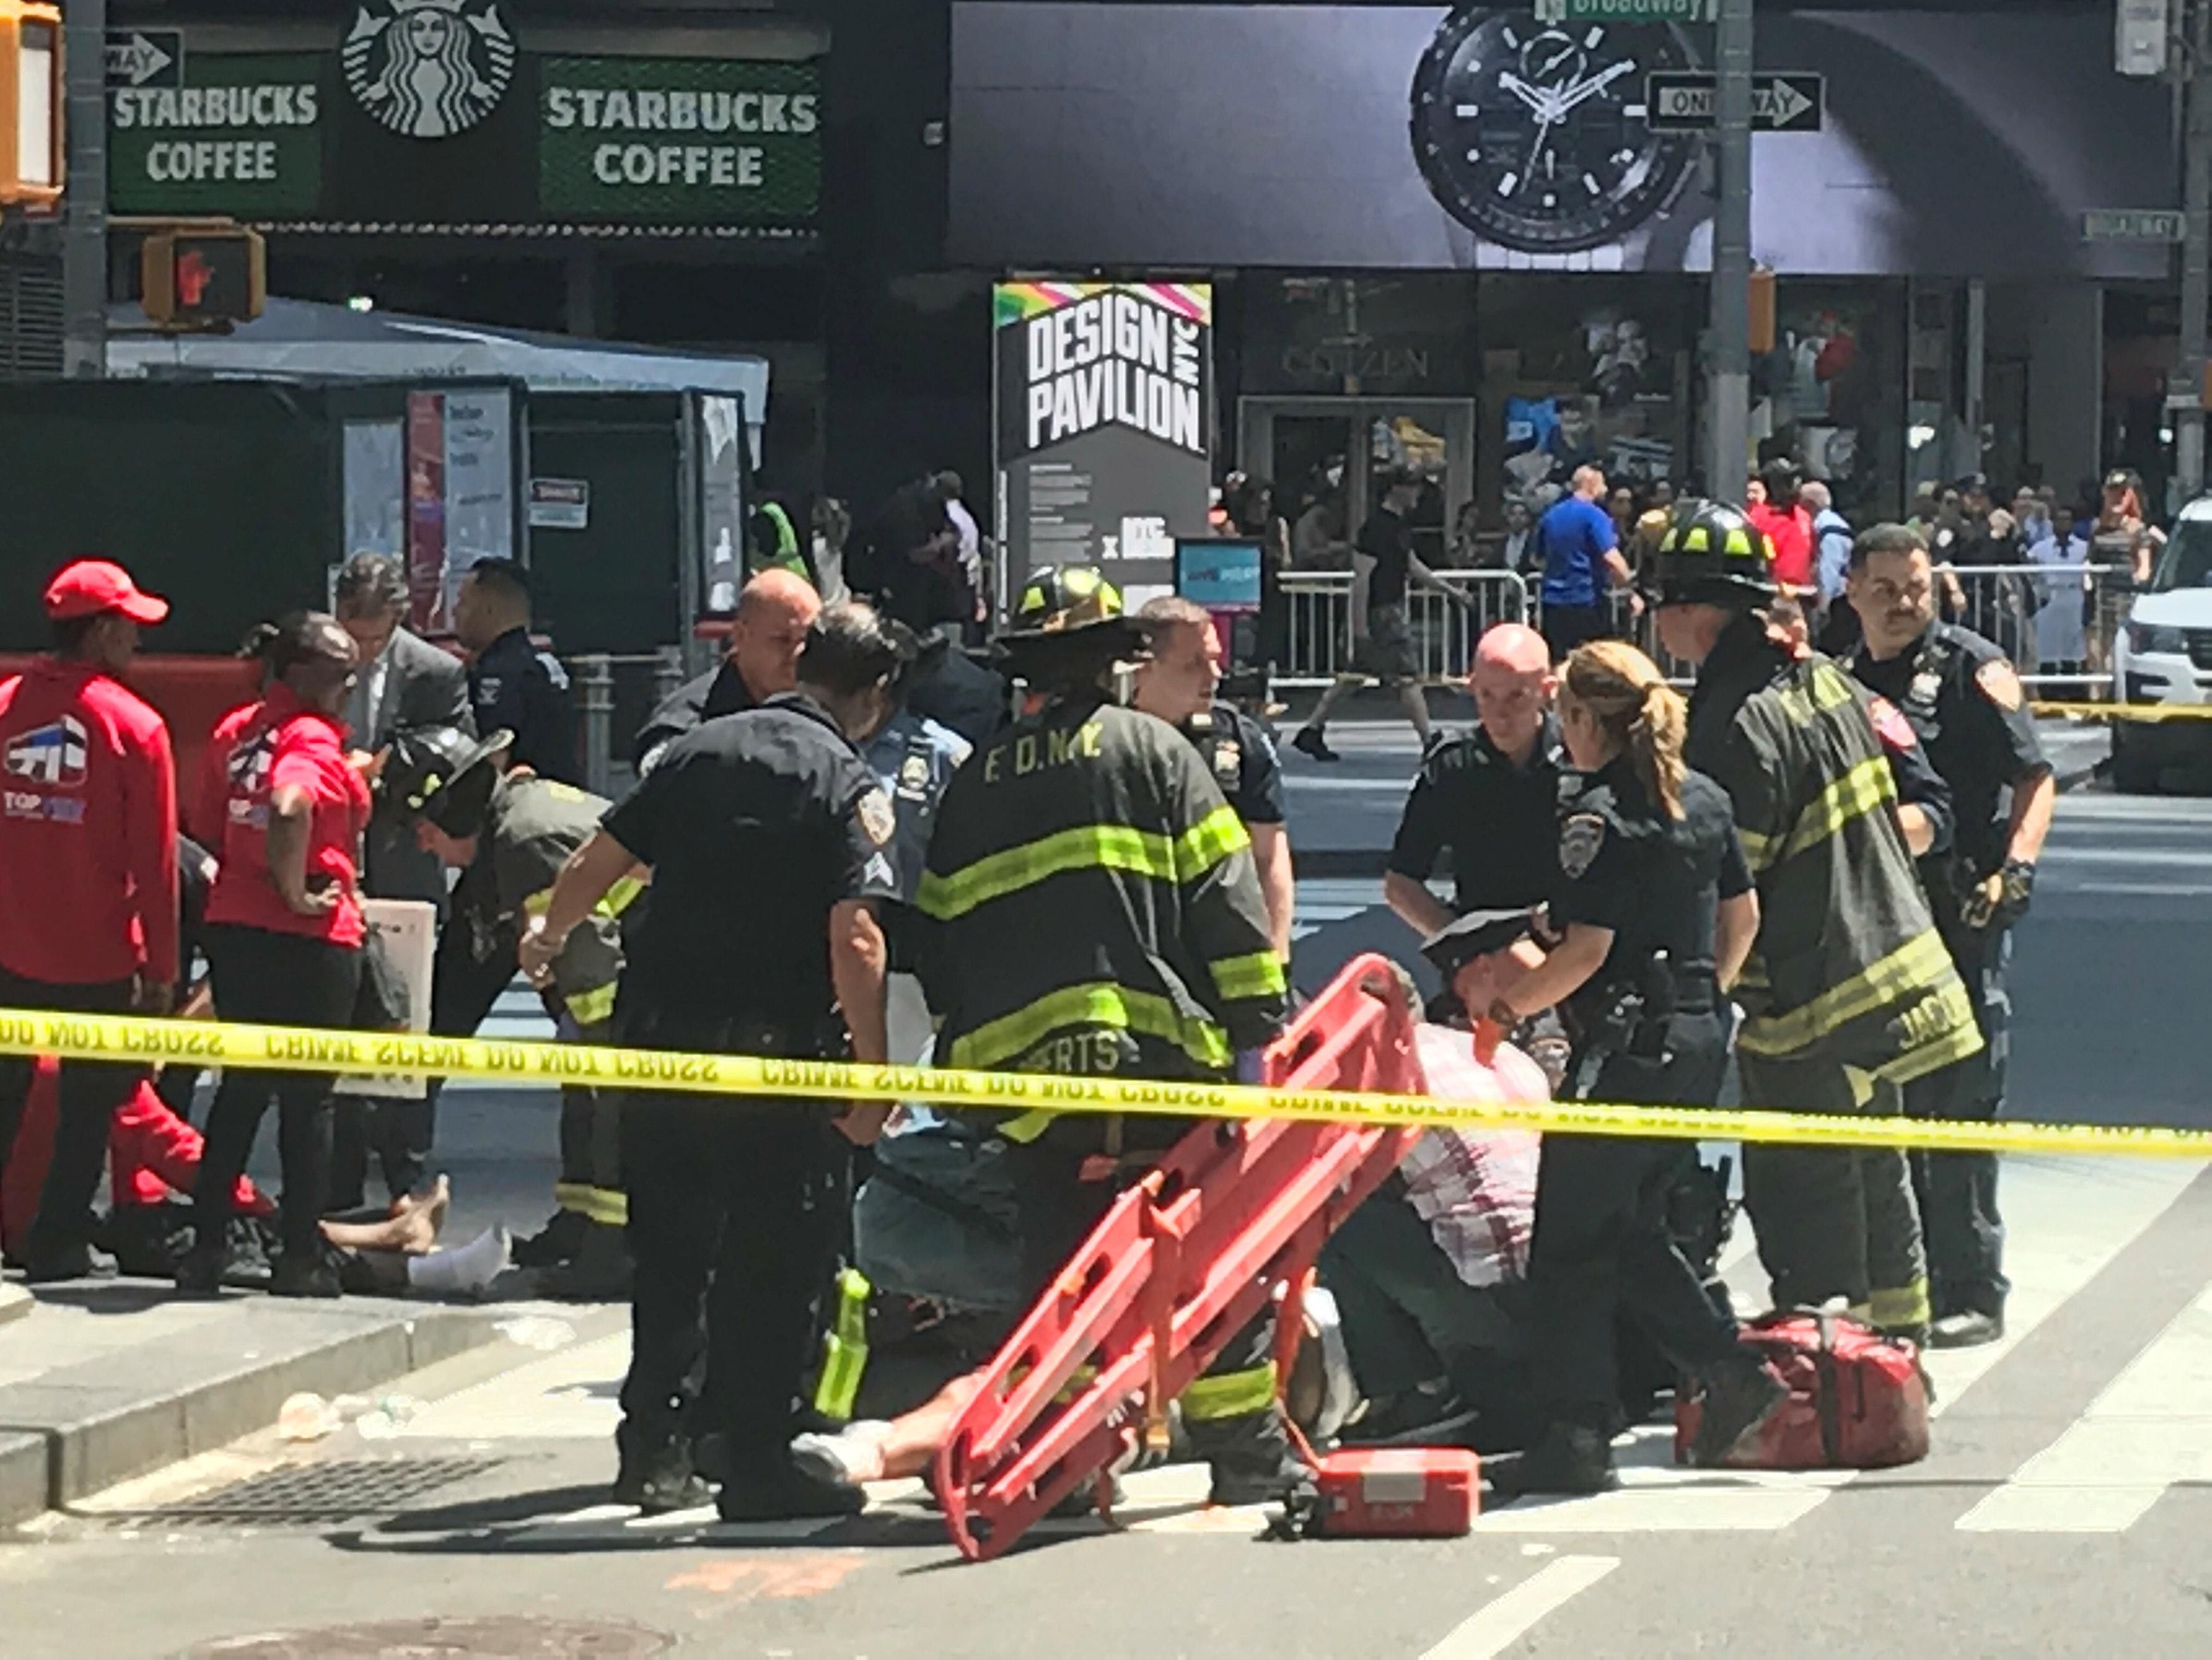 الشرطة الأمريكية ورجال الإنقاذ فى موقع الحادث